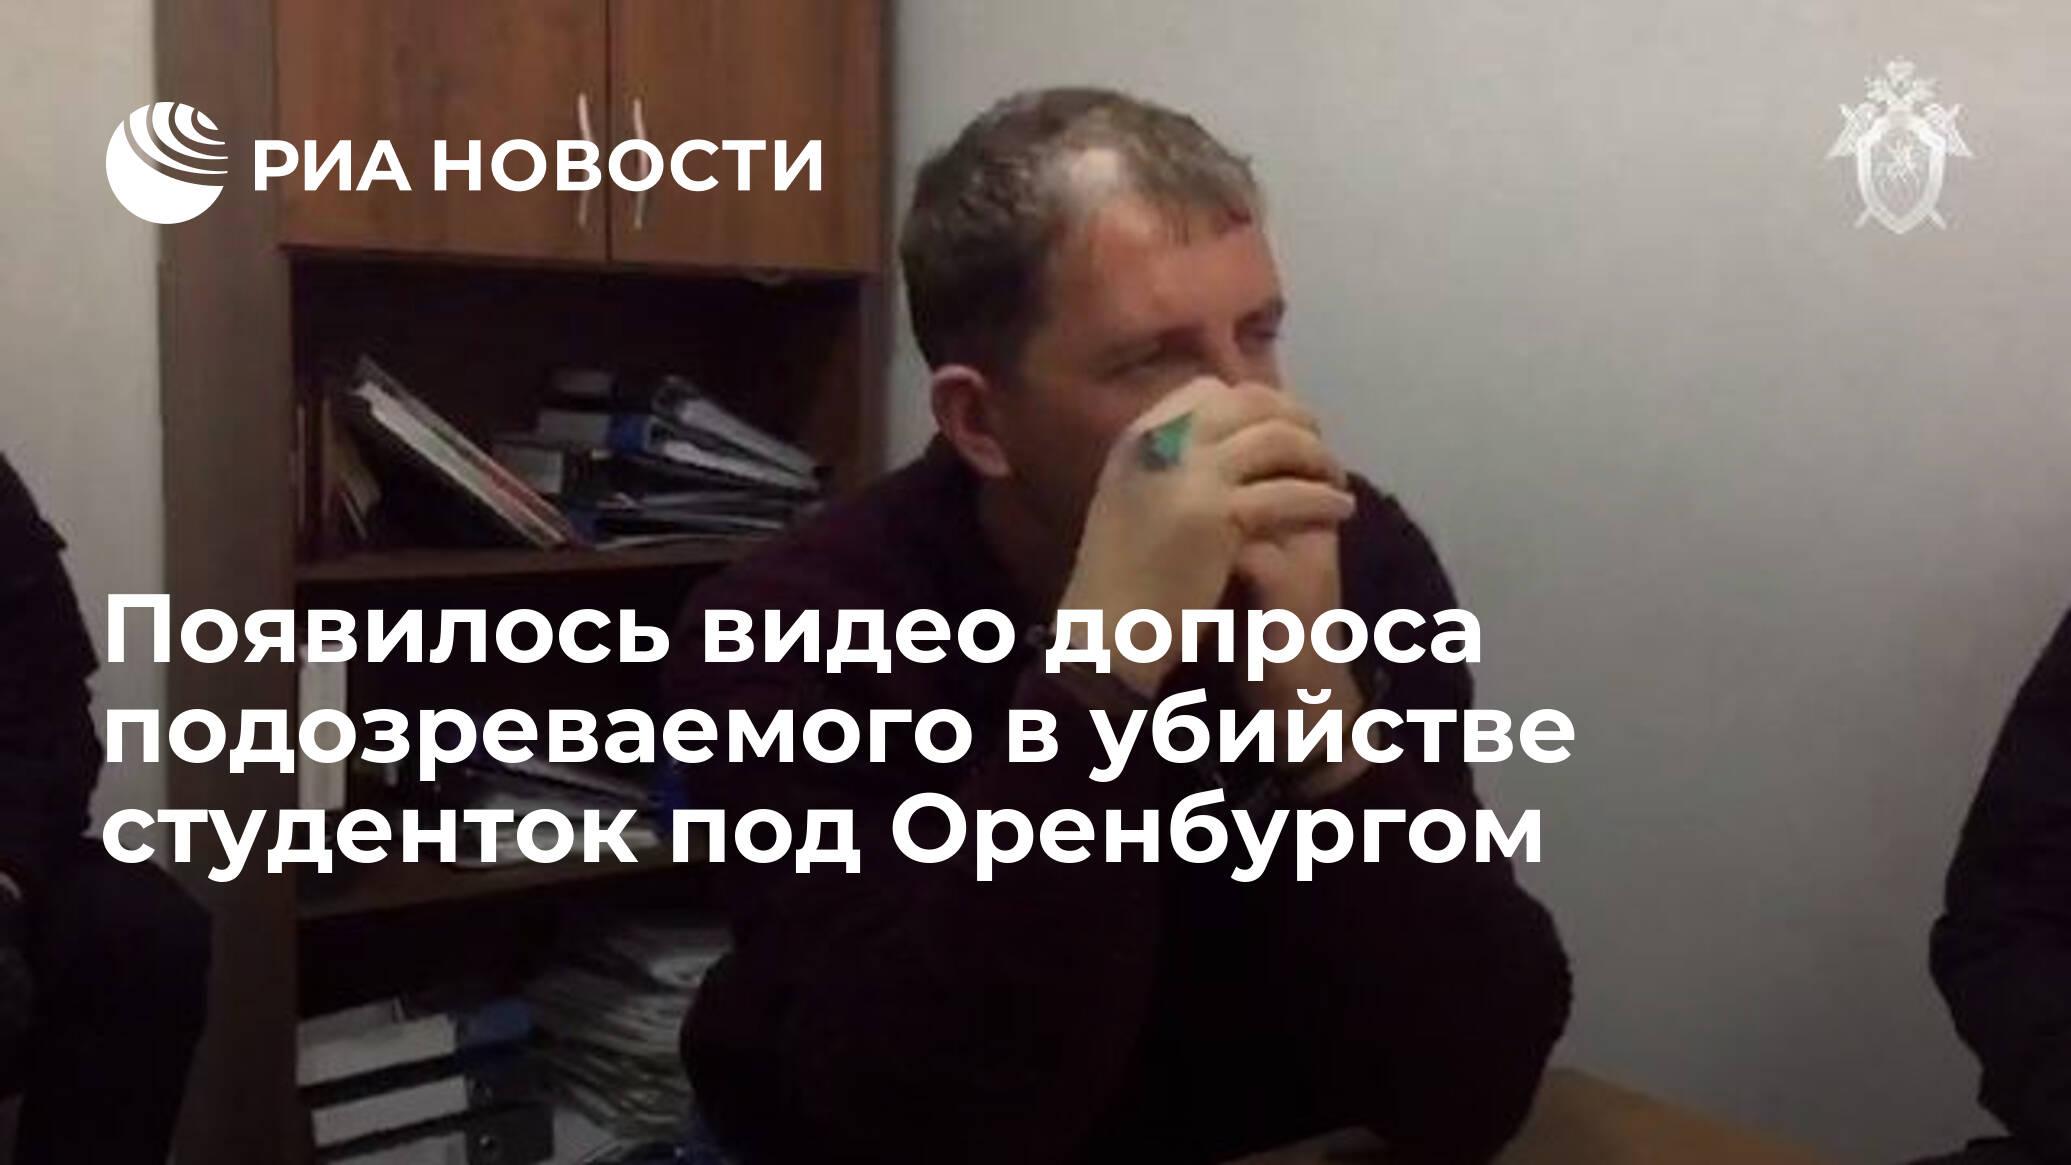 Появилось видео допроса подозреваемого в убийстве студенток под Оренбургом